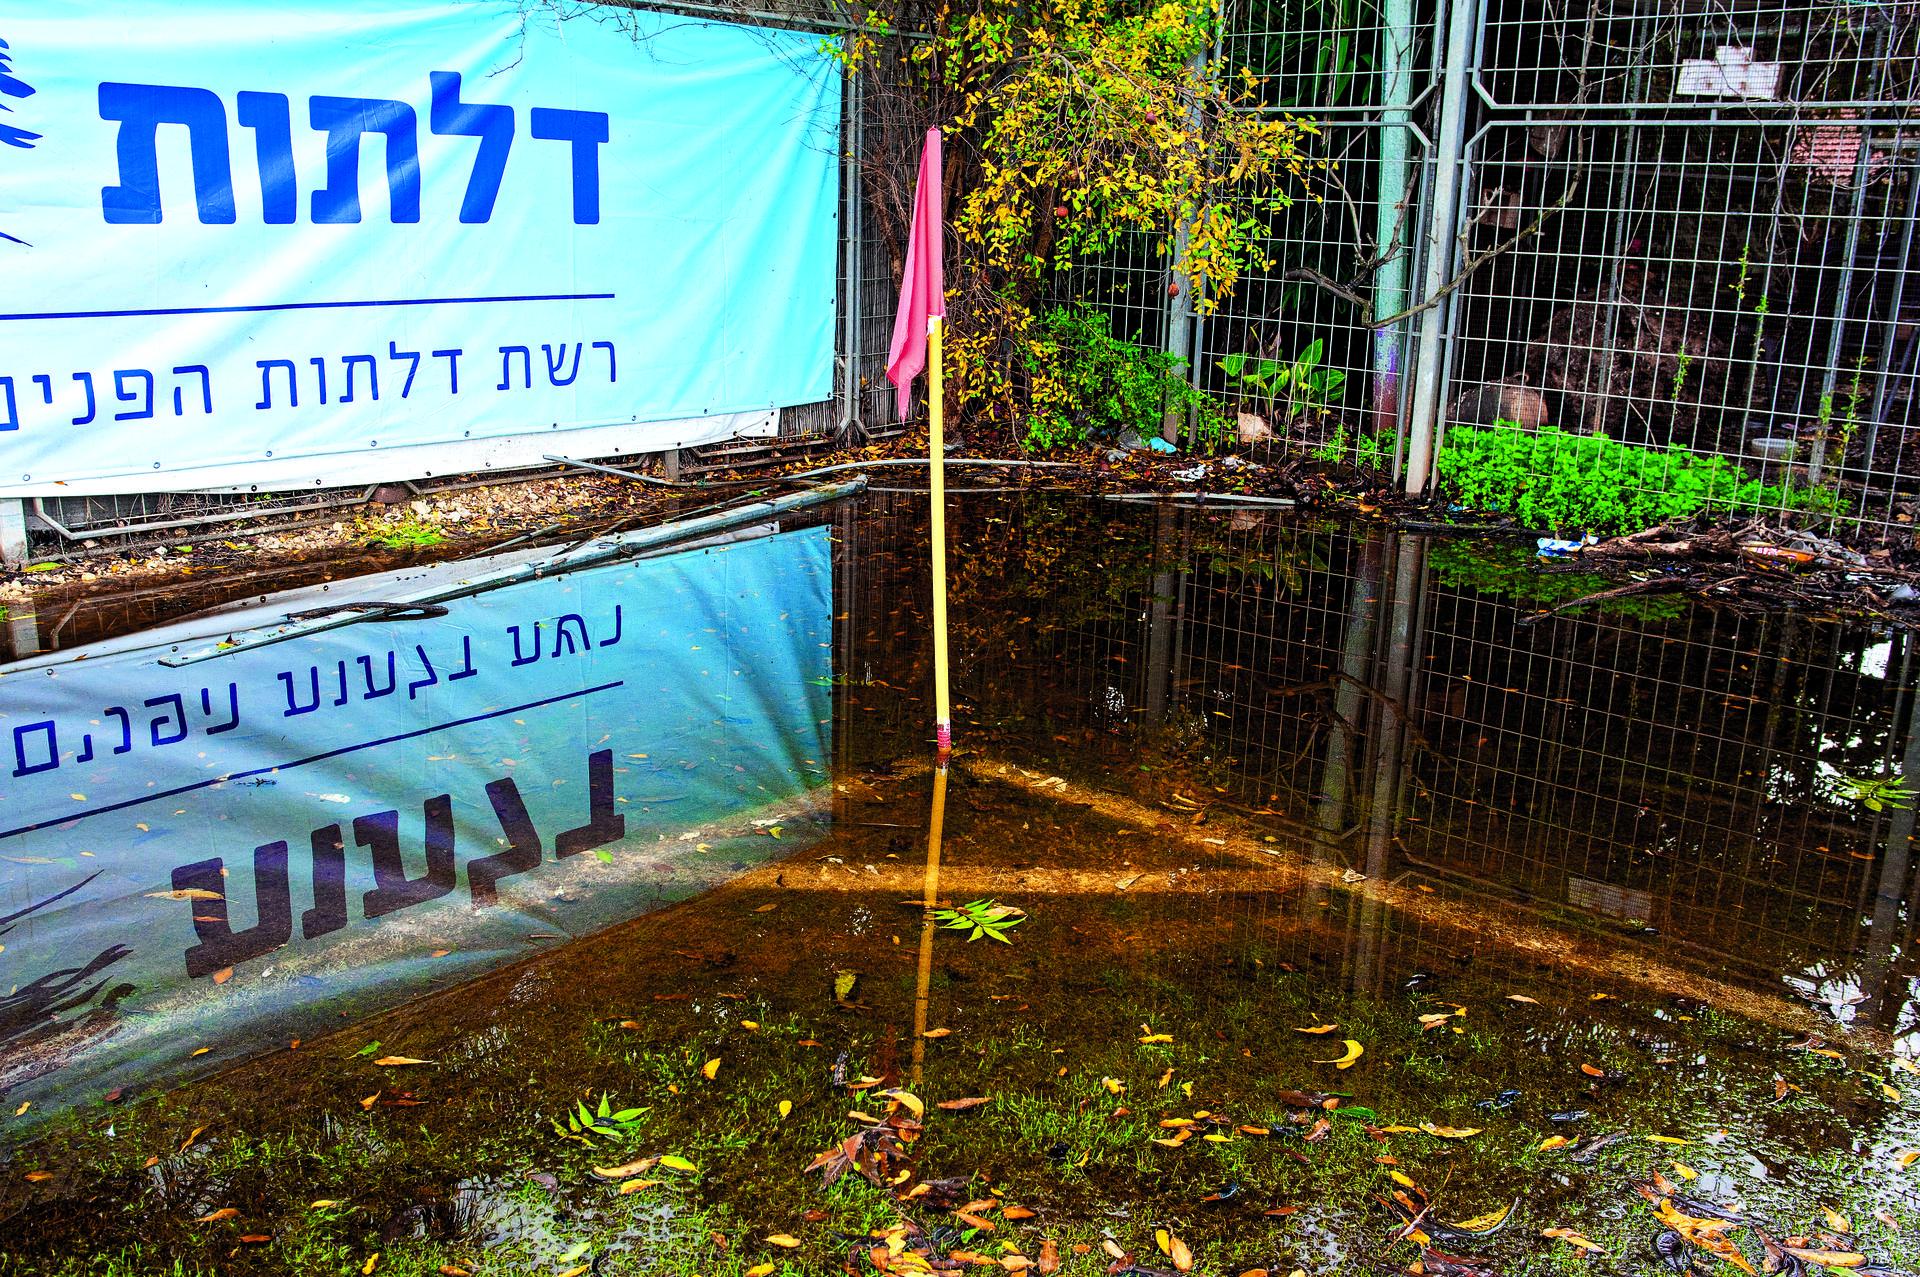 דגל קרן שטבע בתוך שלולית ענק   צילום: יואב דודקביץ'